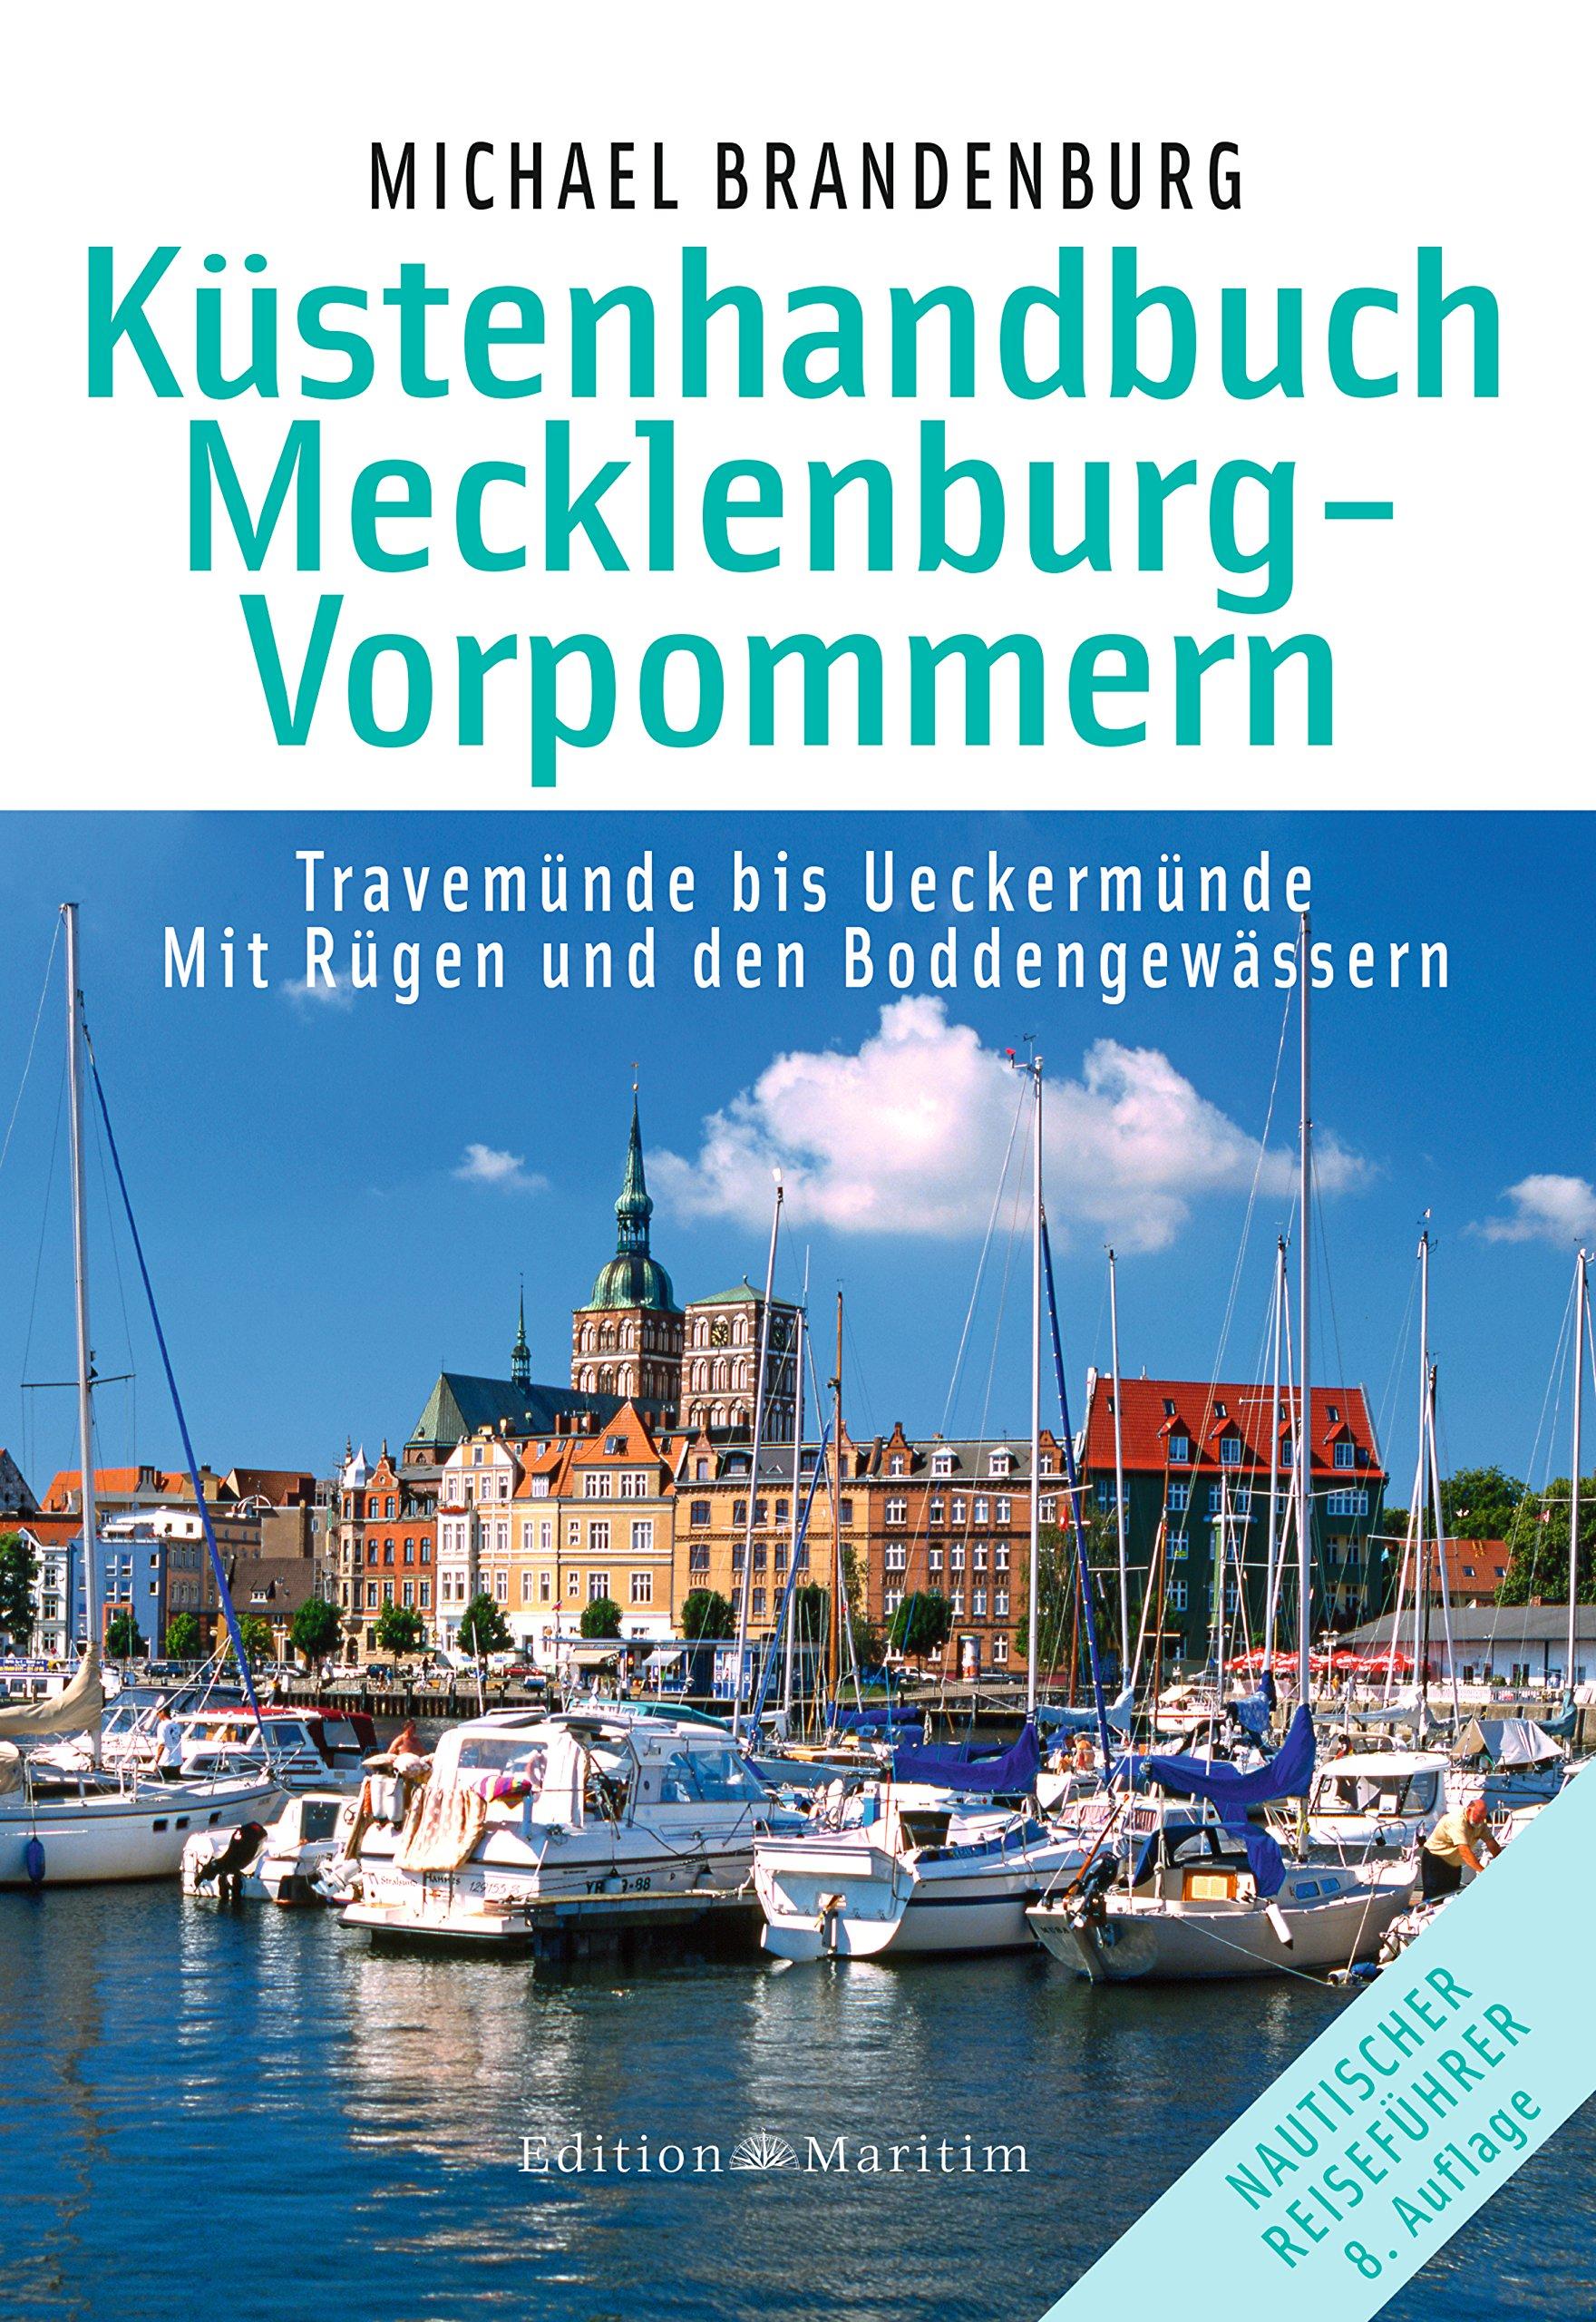 Küstenhandbuch Mecklenburg-Vorpommern: Travemünde bis Ueckermünde. Mit Rügen und den Boddengewässern